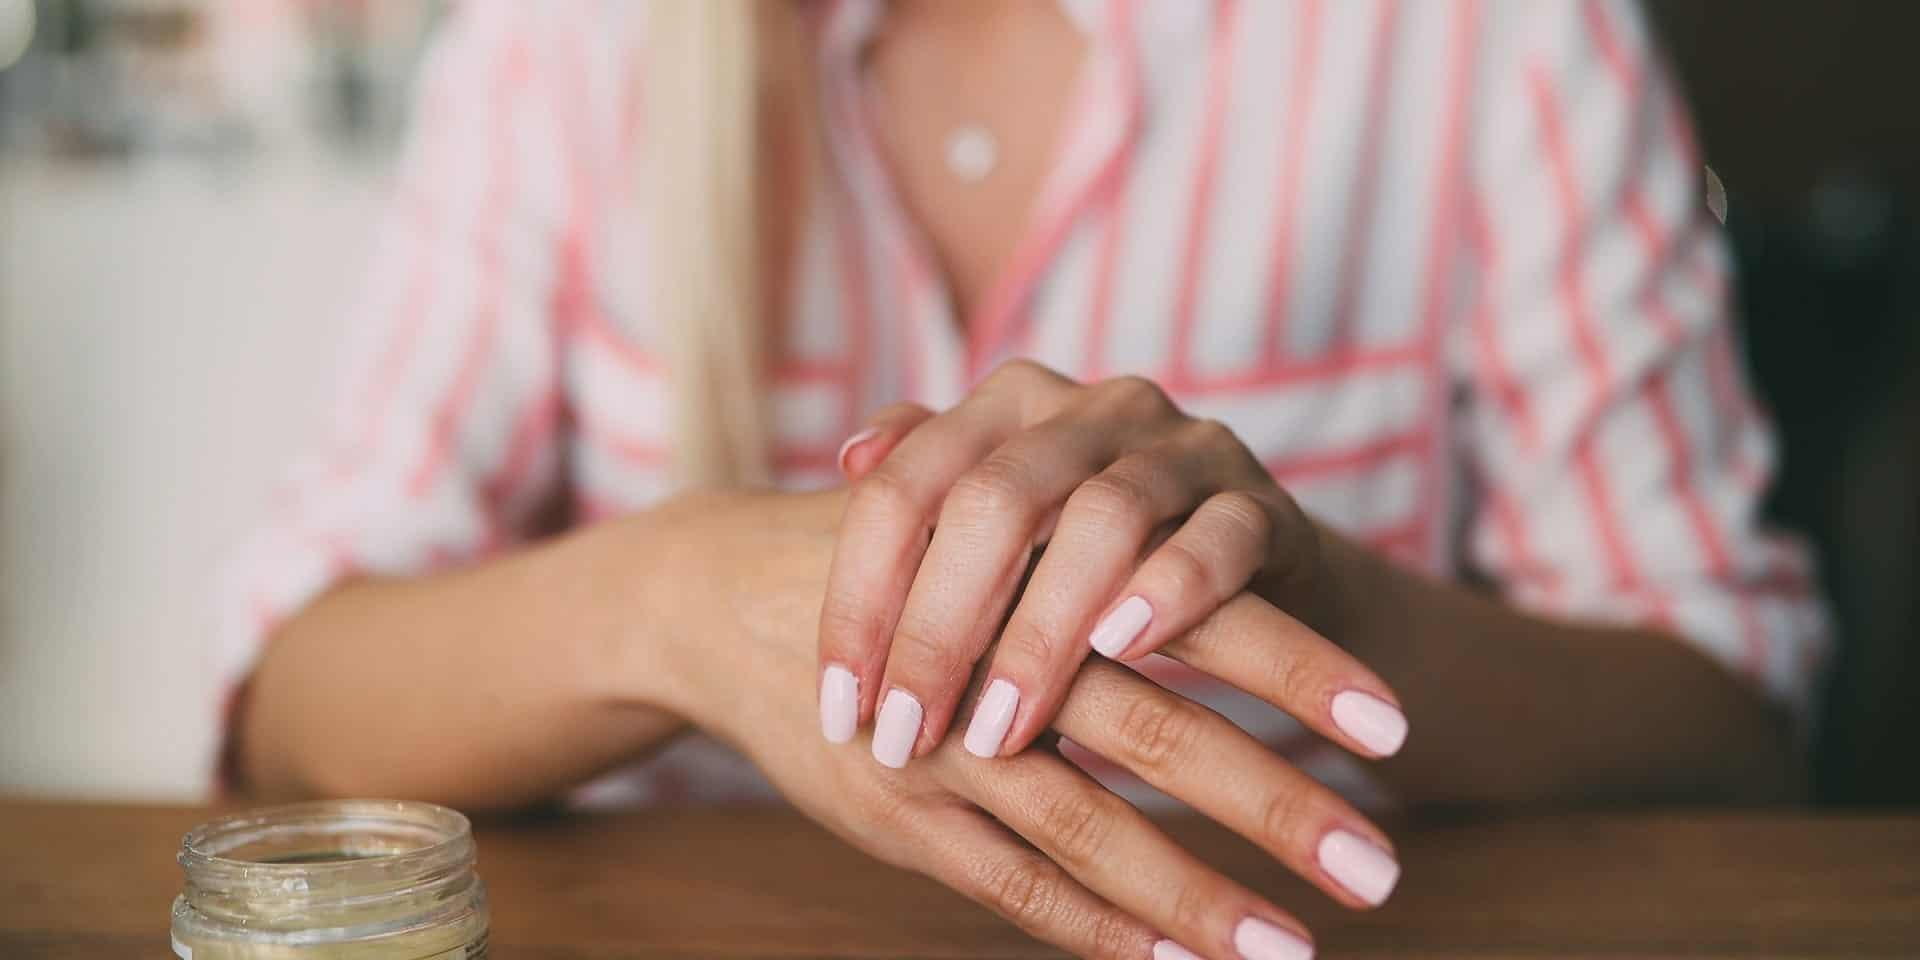 وصفات طبيعية لترطيب اليدين في الشتاء